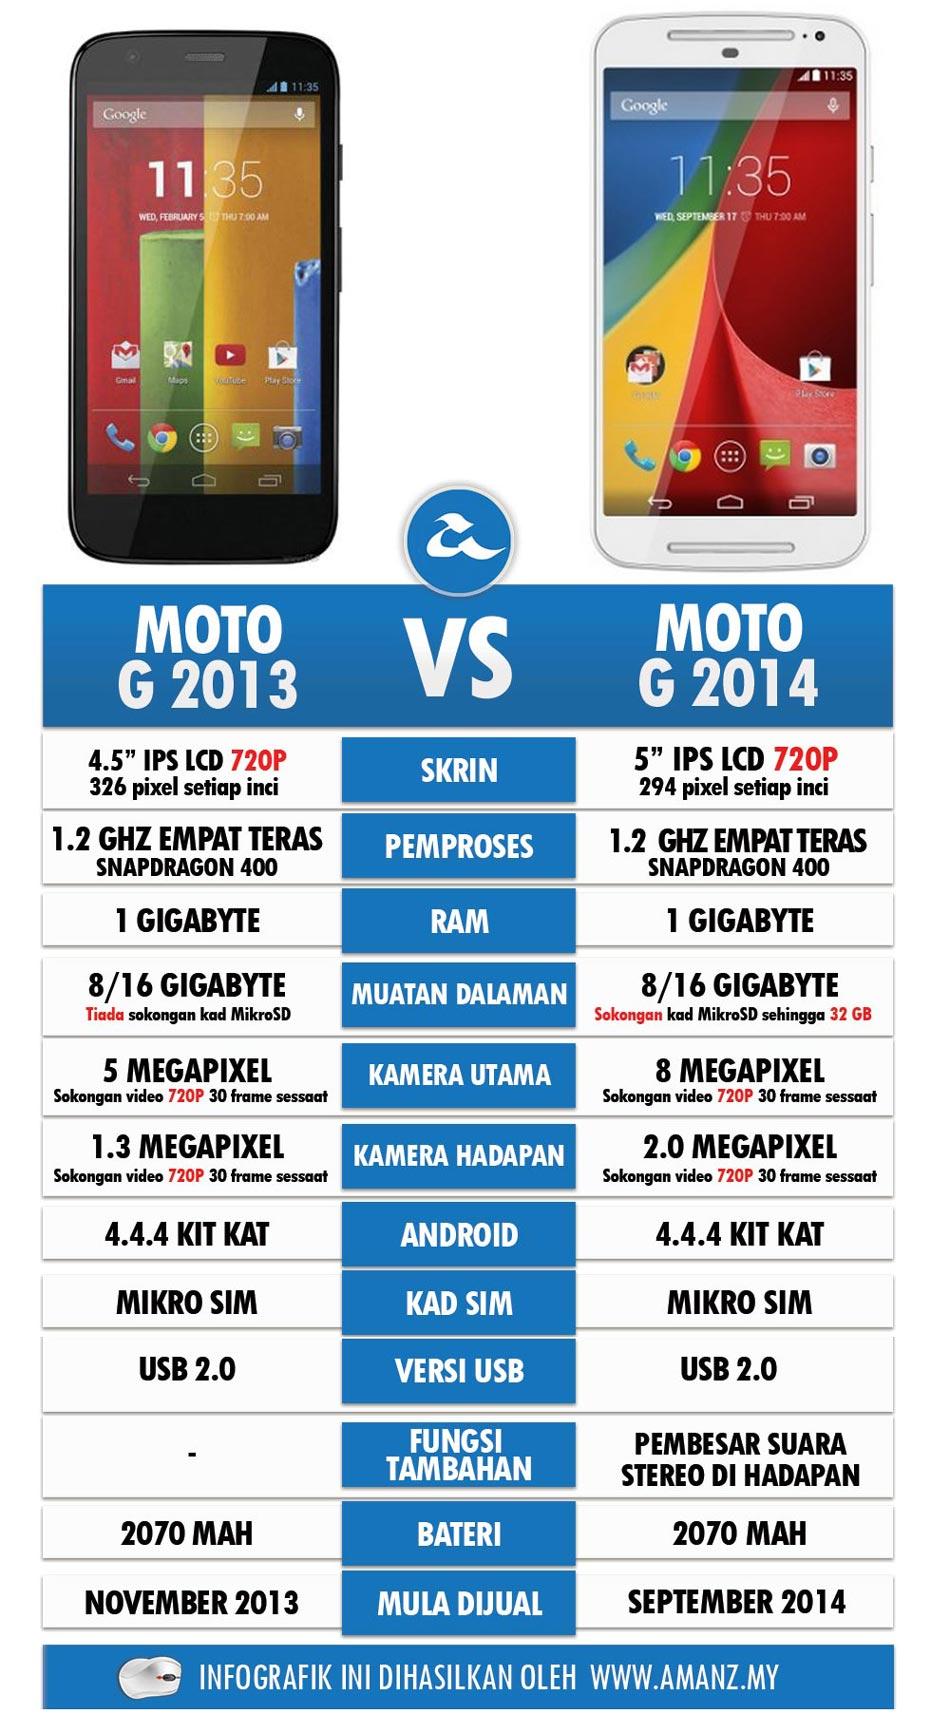 VS-Motogs